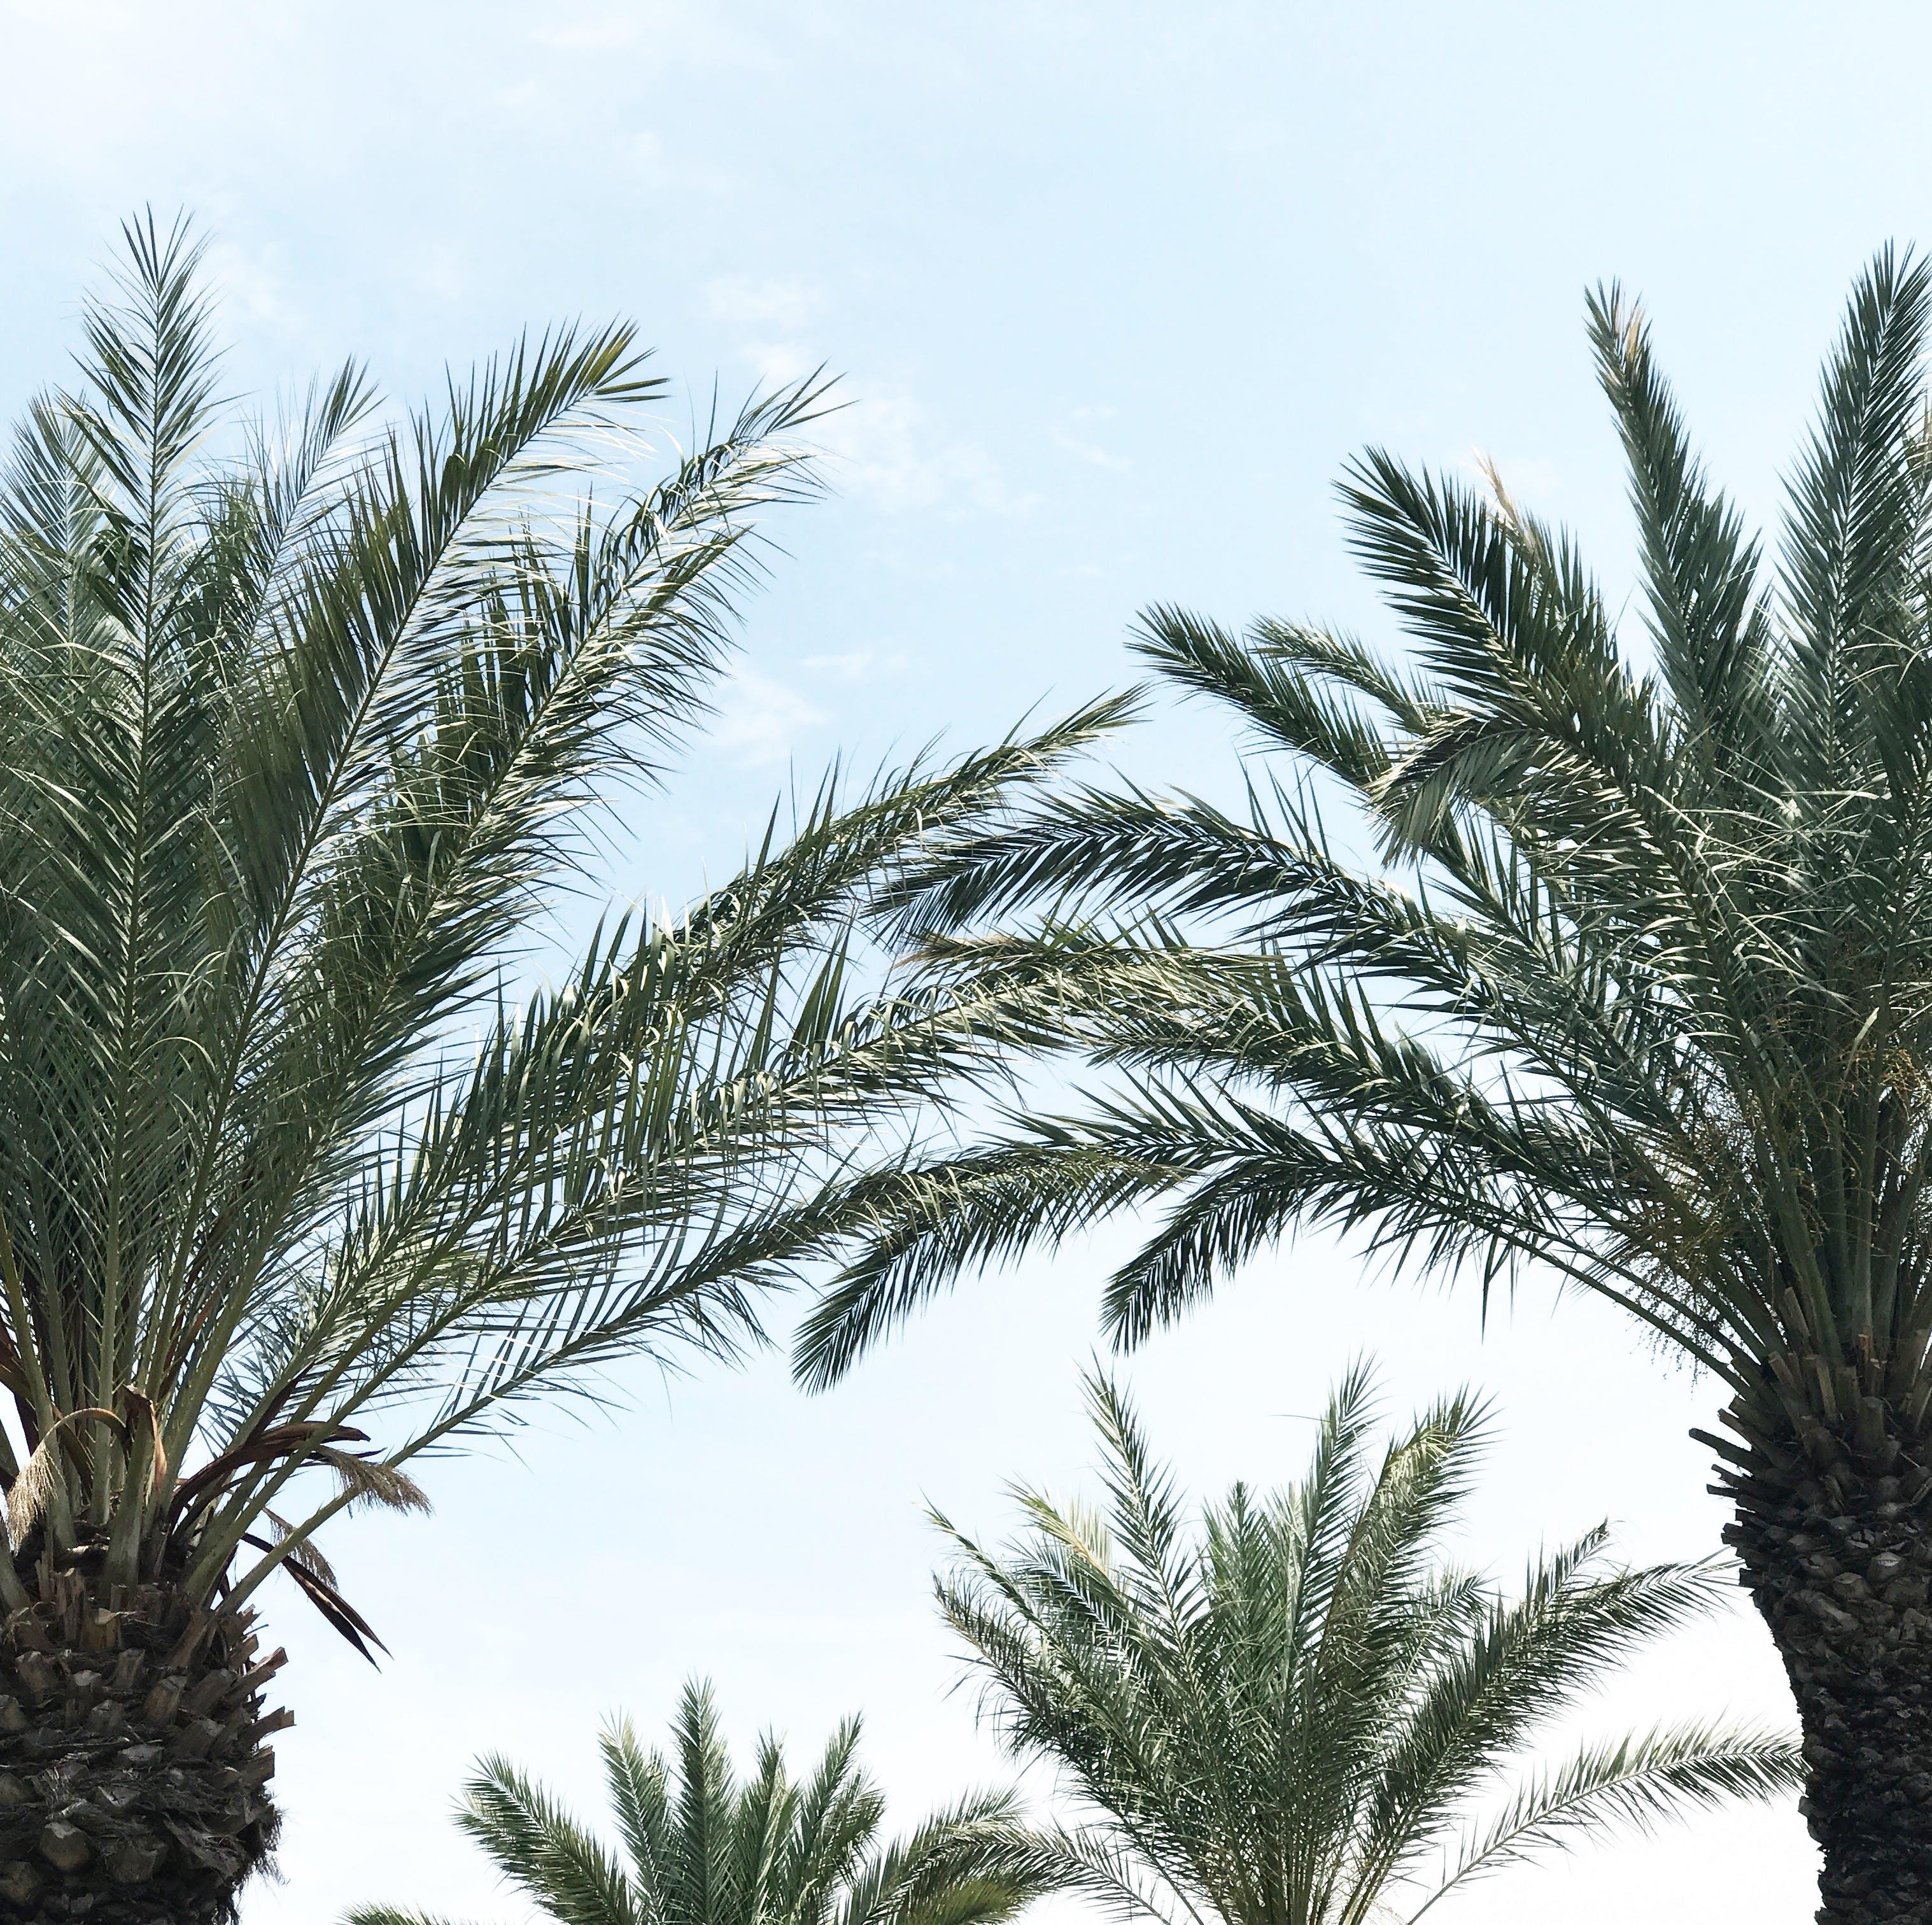 Photos gratuites de arbres, ciel, feuilles de palmier, palmiers